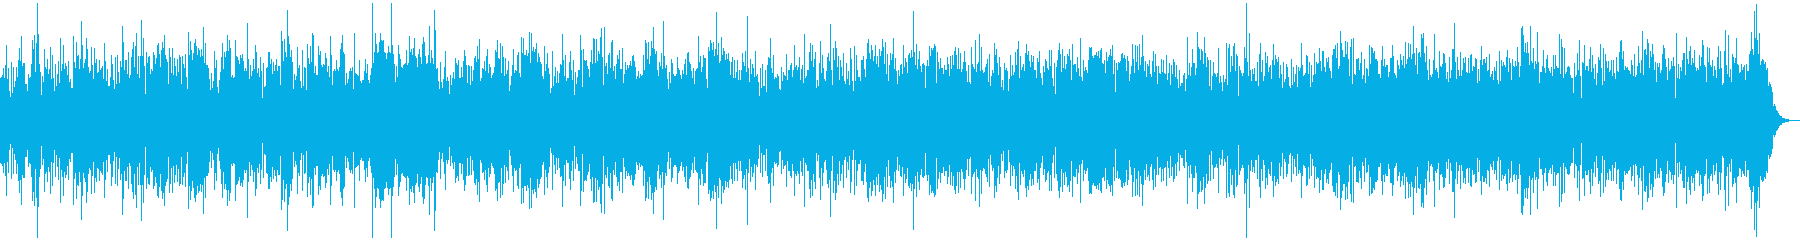 ウクレレのリラックスハワイアンバンドの再生済みの波形